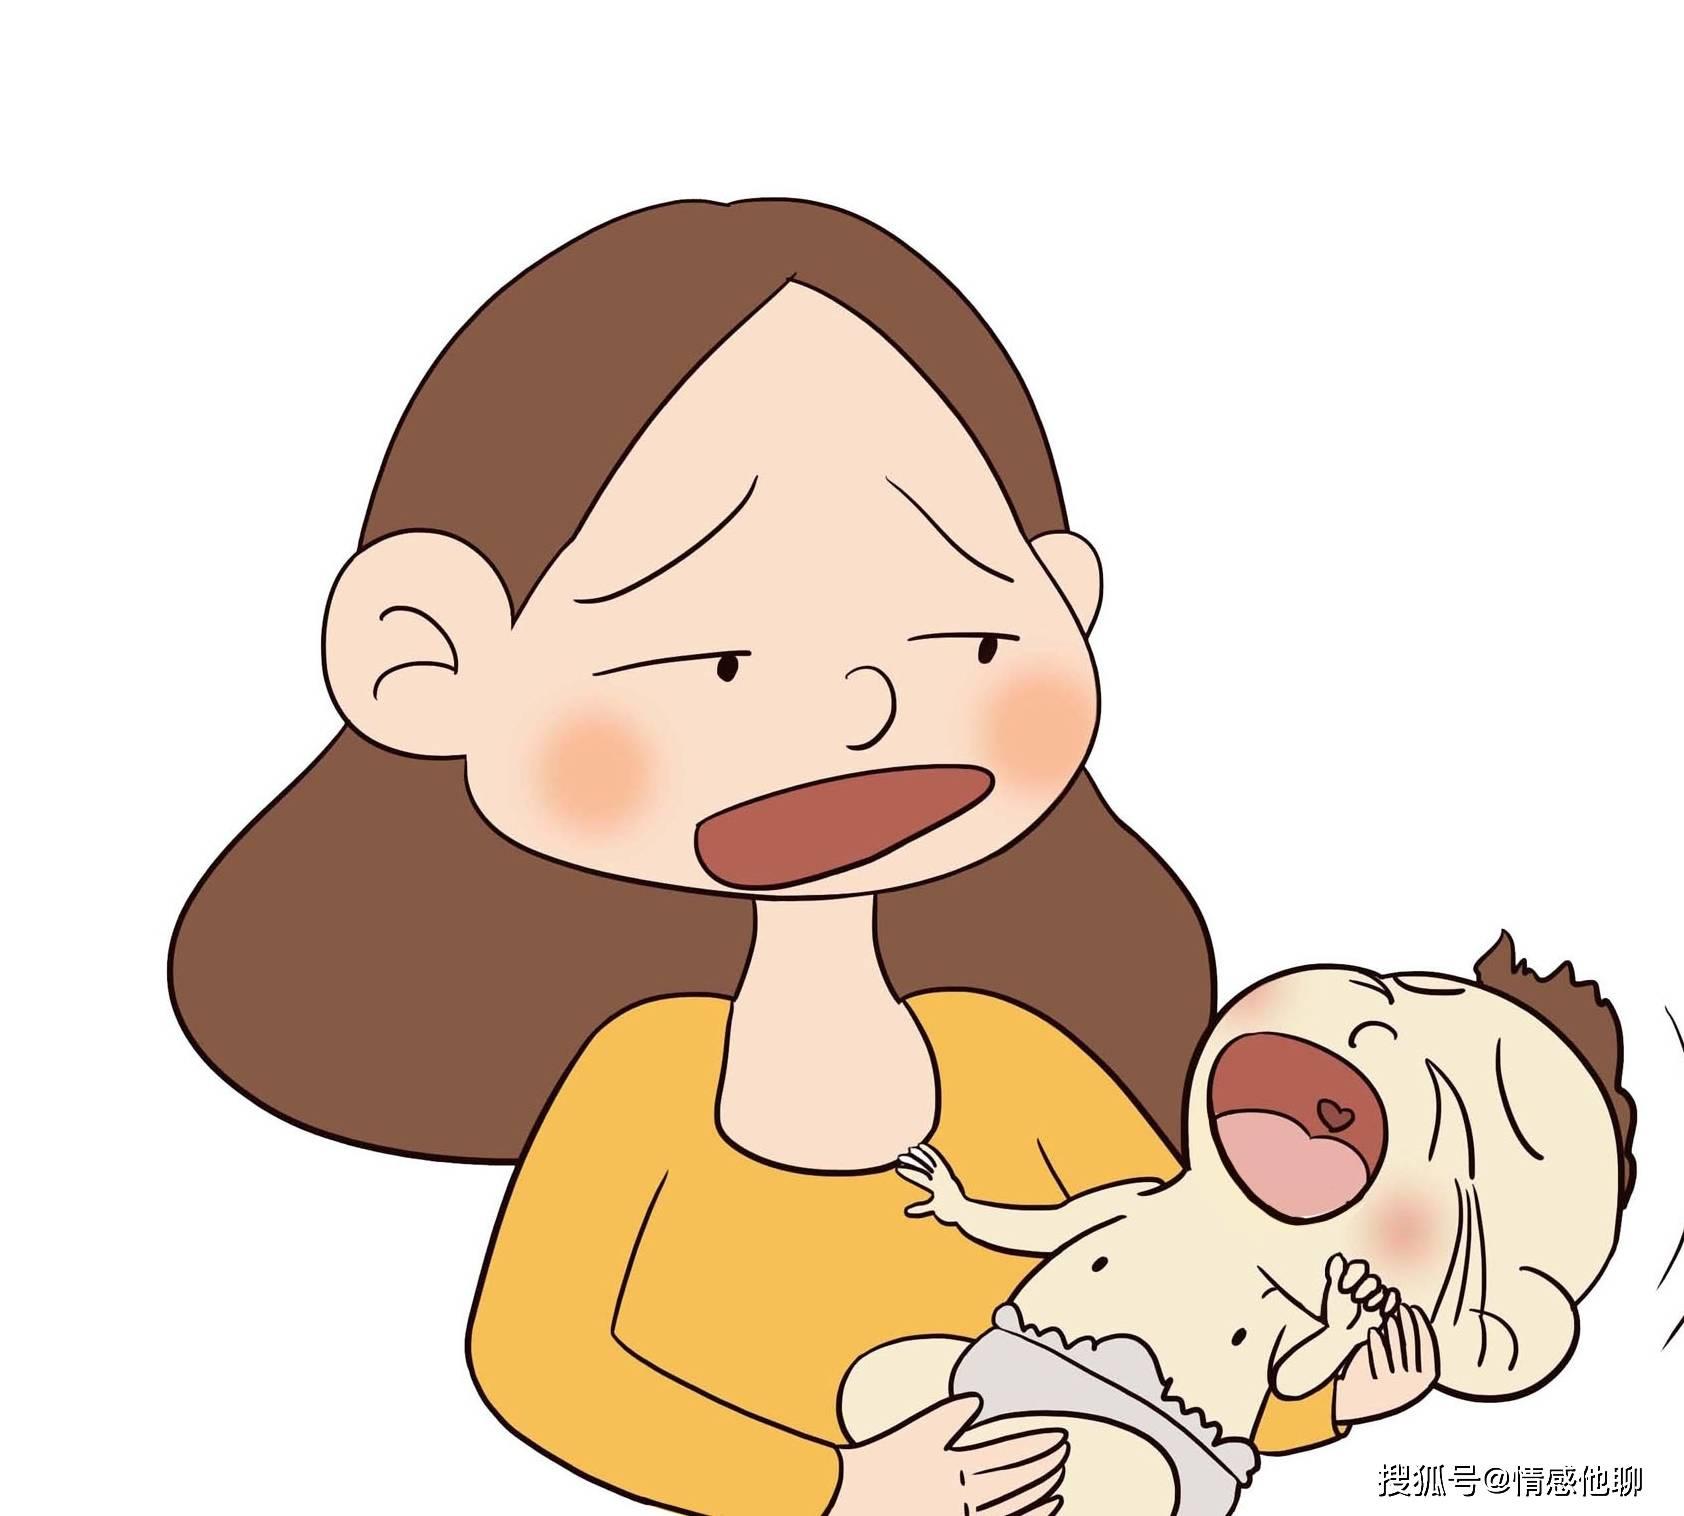 宝宝发育关键期,三种营养最易缺乏,现在补充还来得及